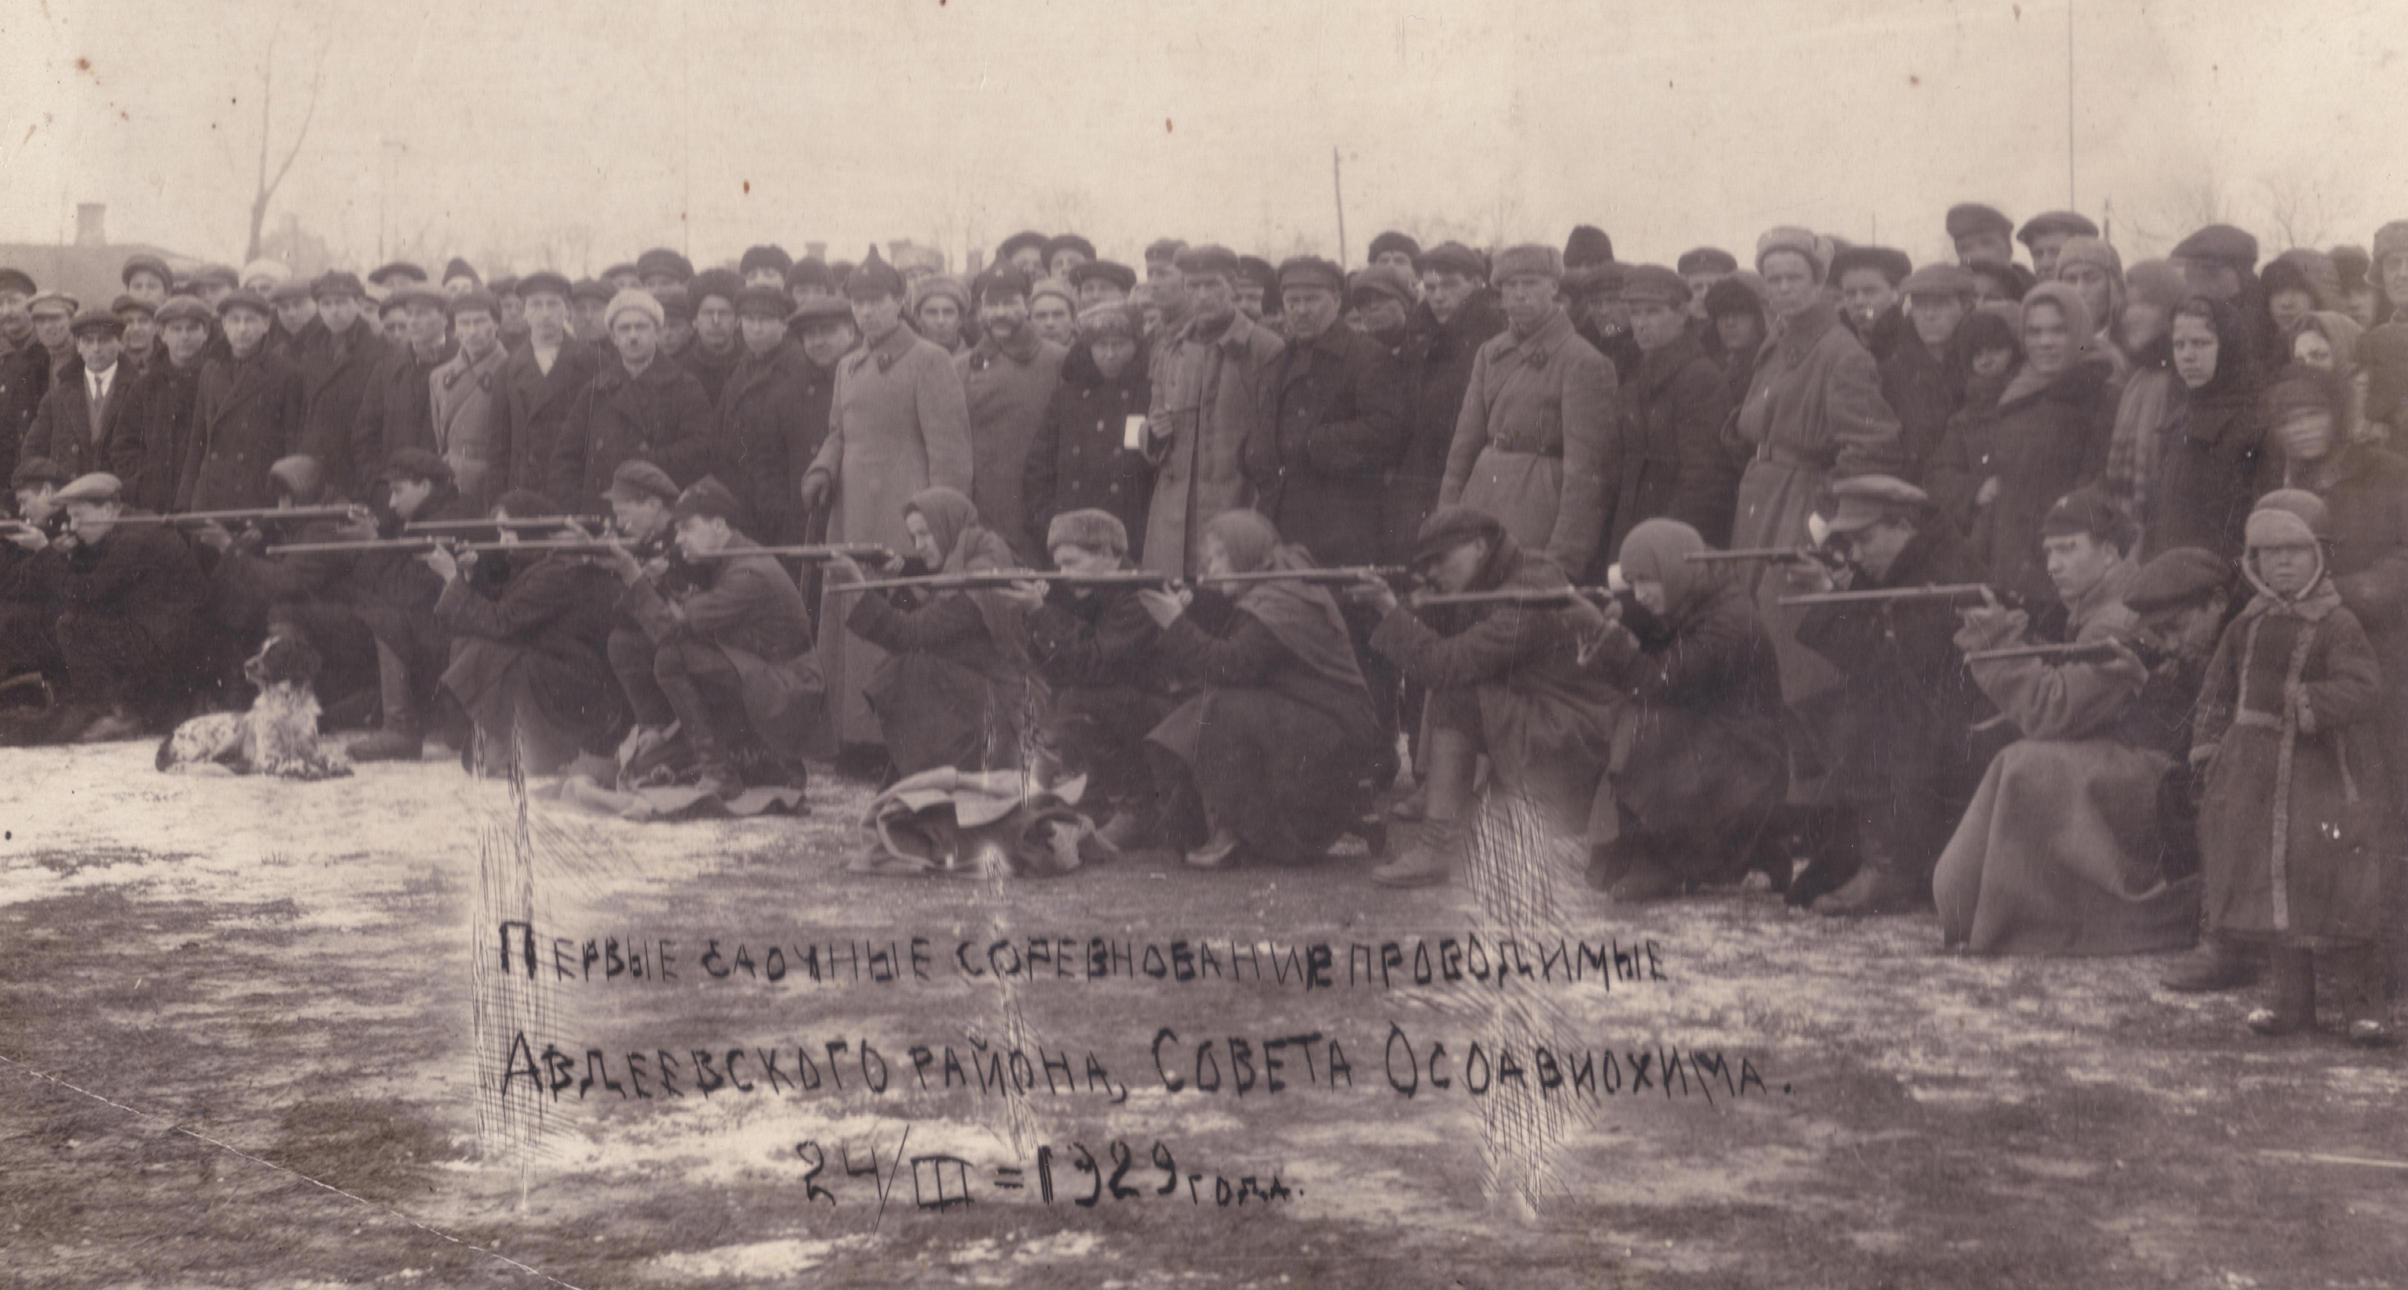 1929. Соревнования по стрельбе. ОСОАВИОХИМ